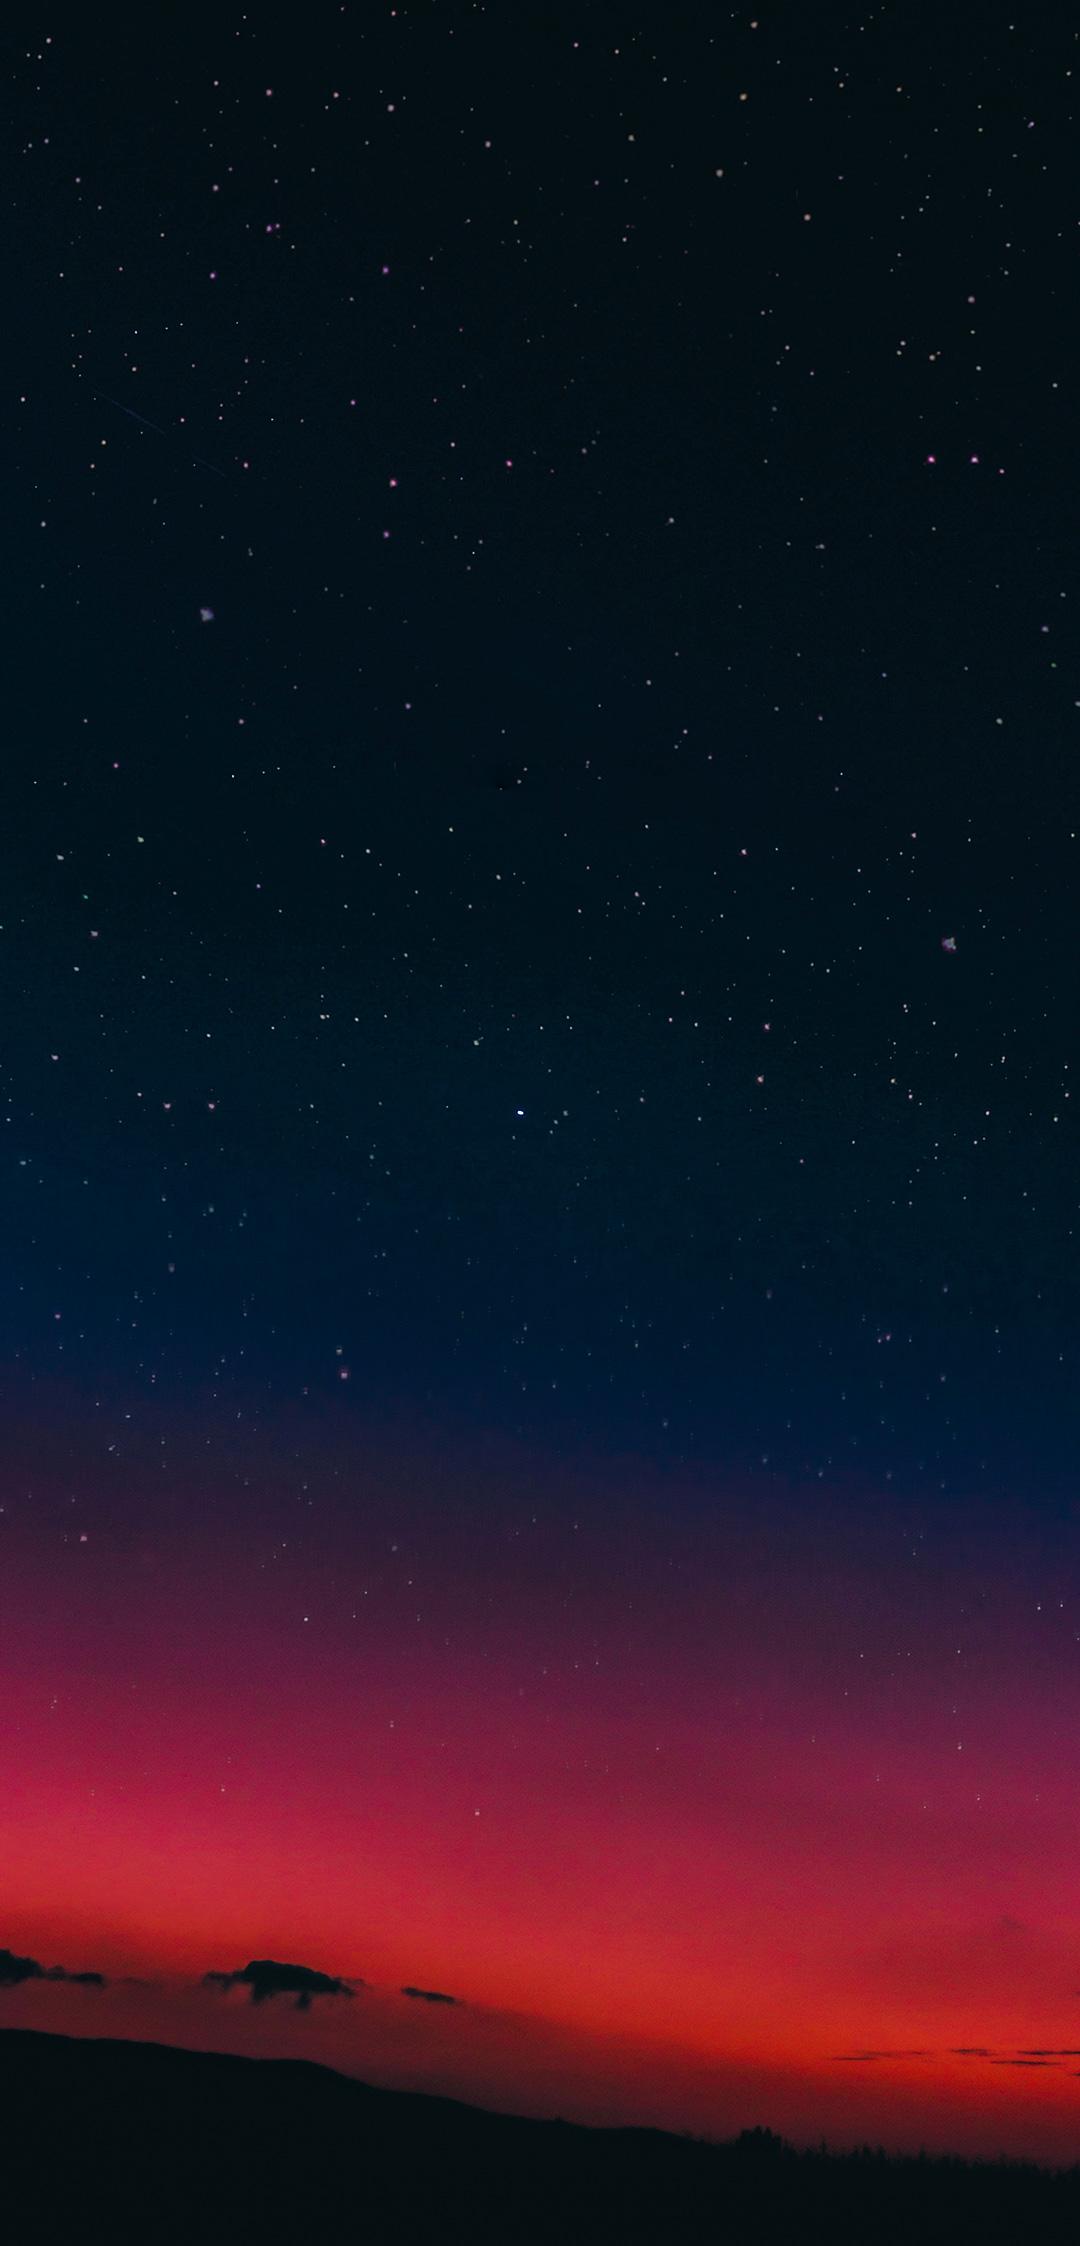 Xiaomi Pocophone F1 wallpaper (4) - Wallect